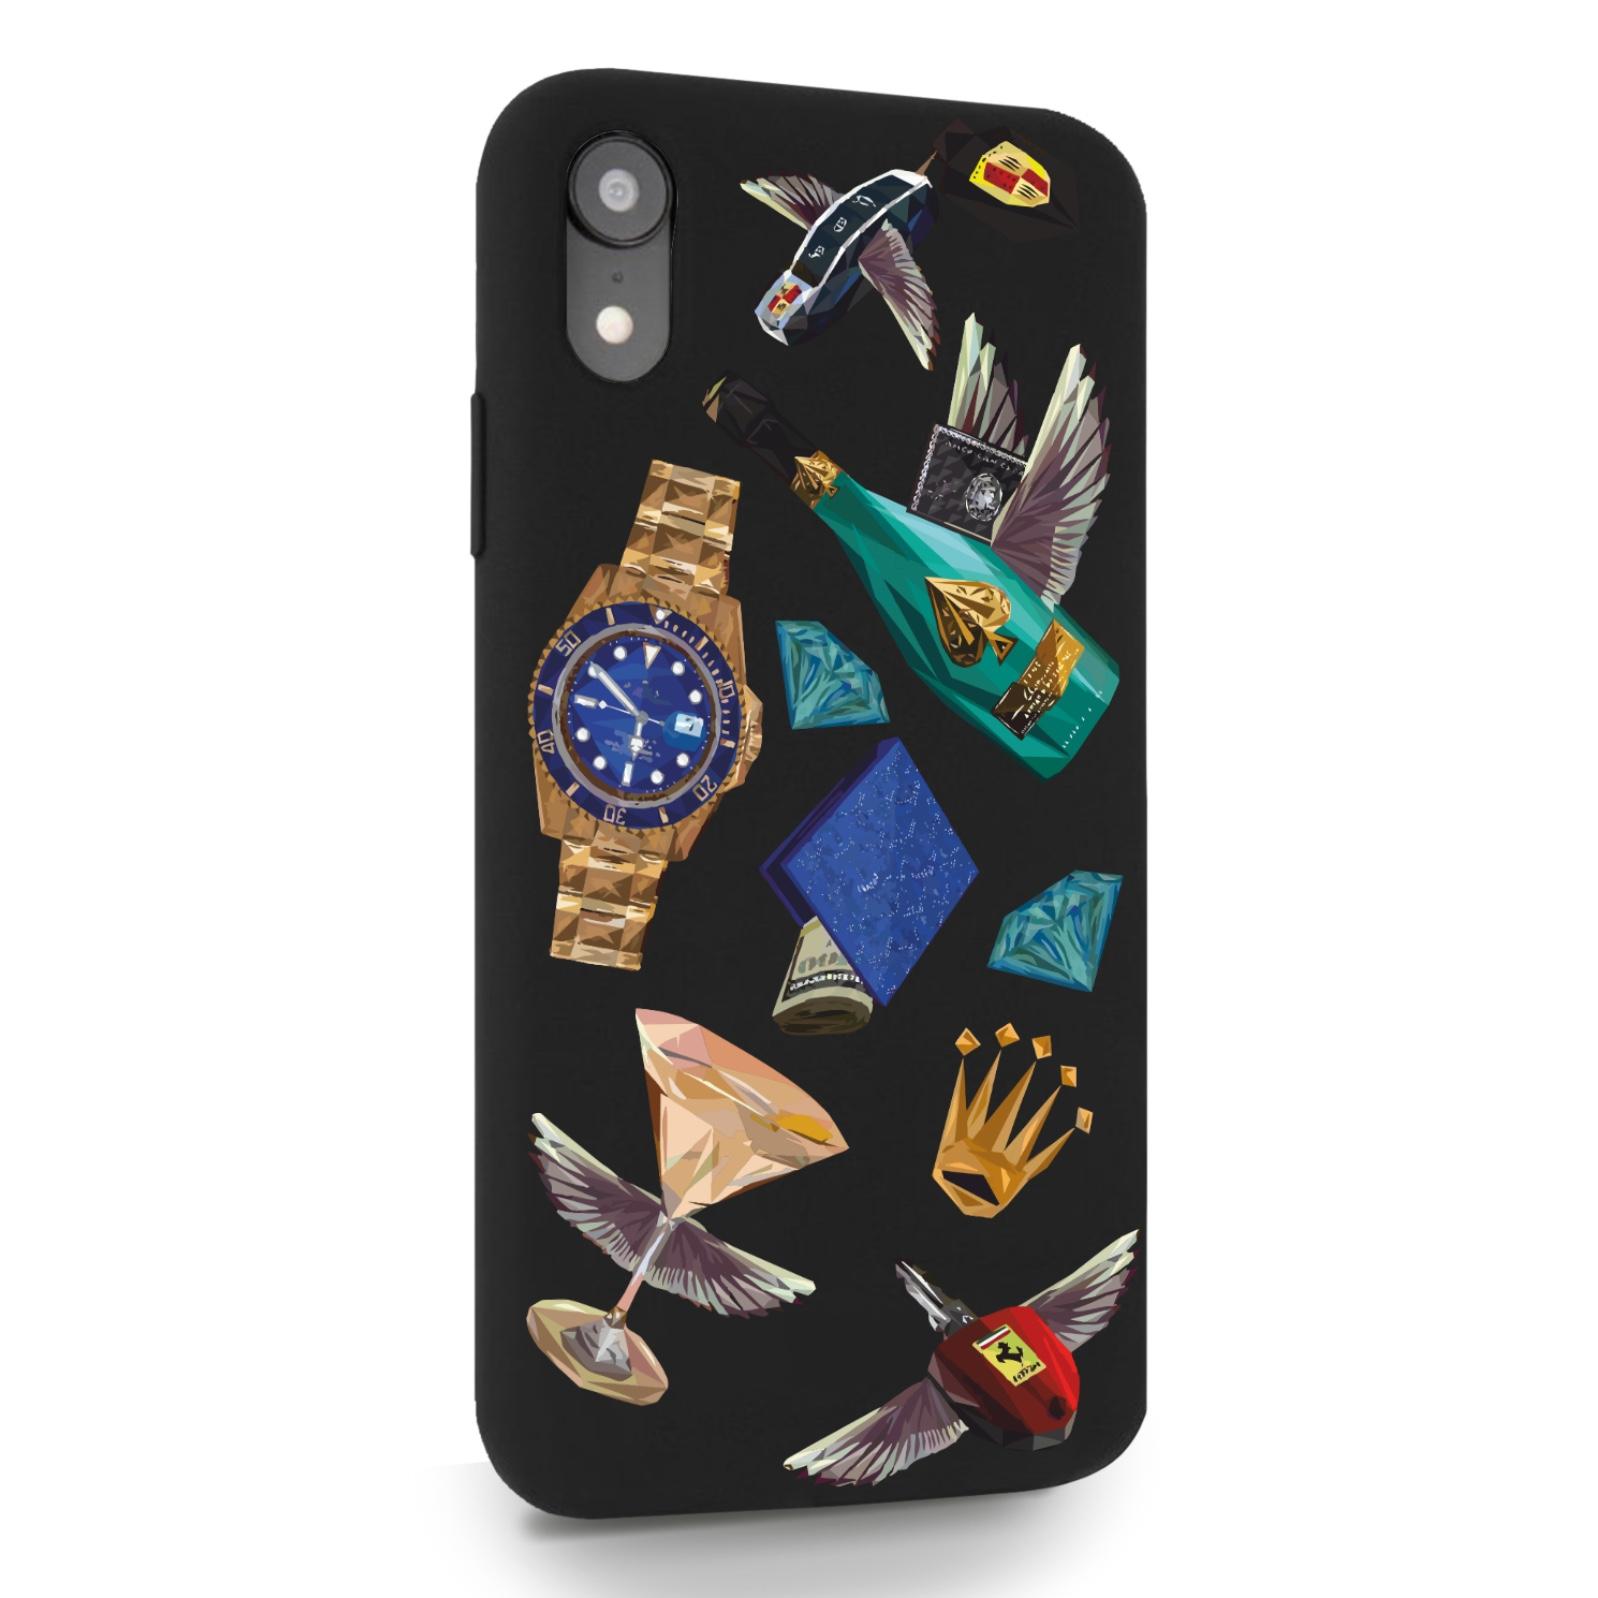 Черный силиконовый чехол для iPhone XR Luxury lifestyle для Айфон 10R